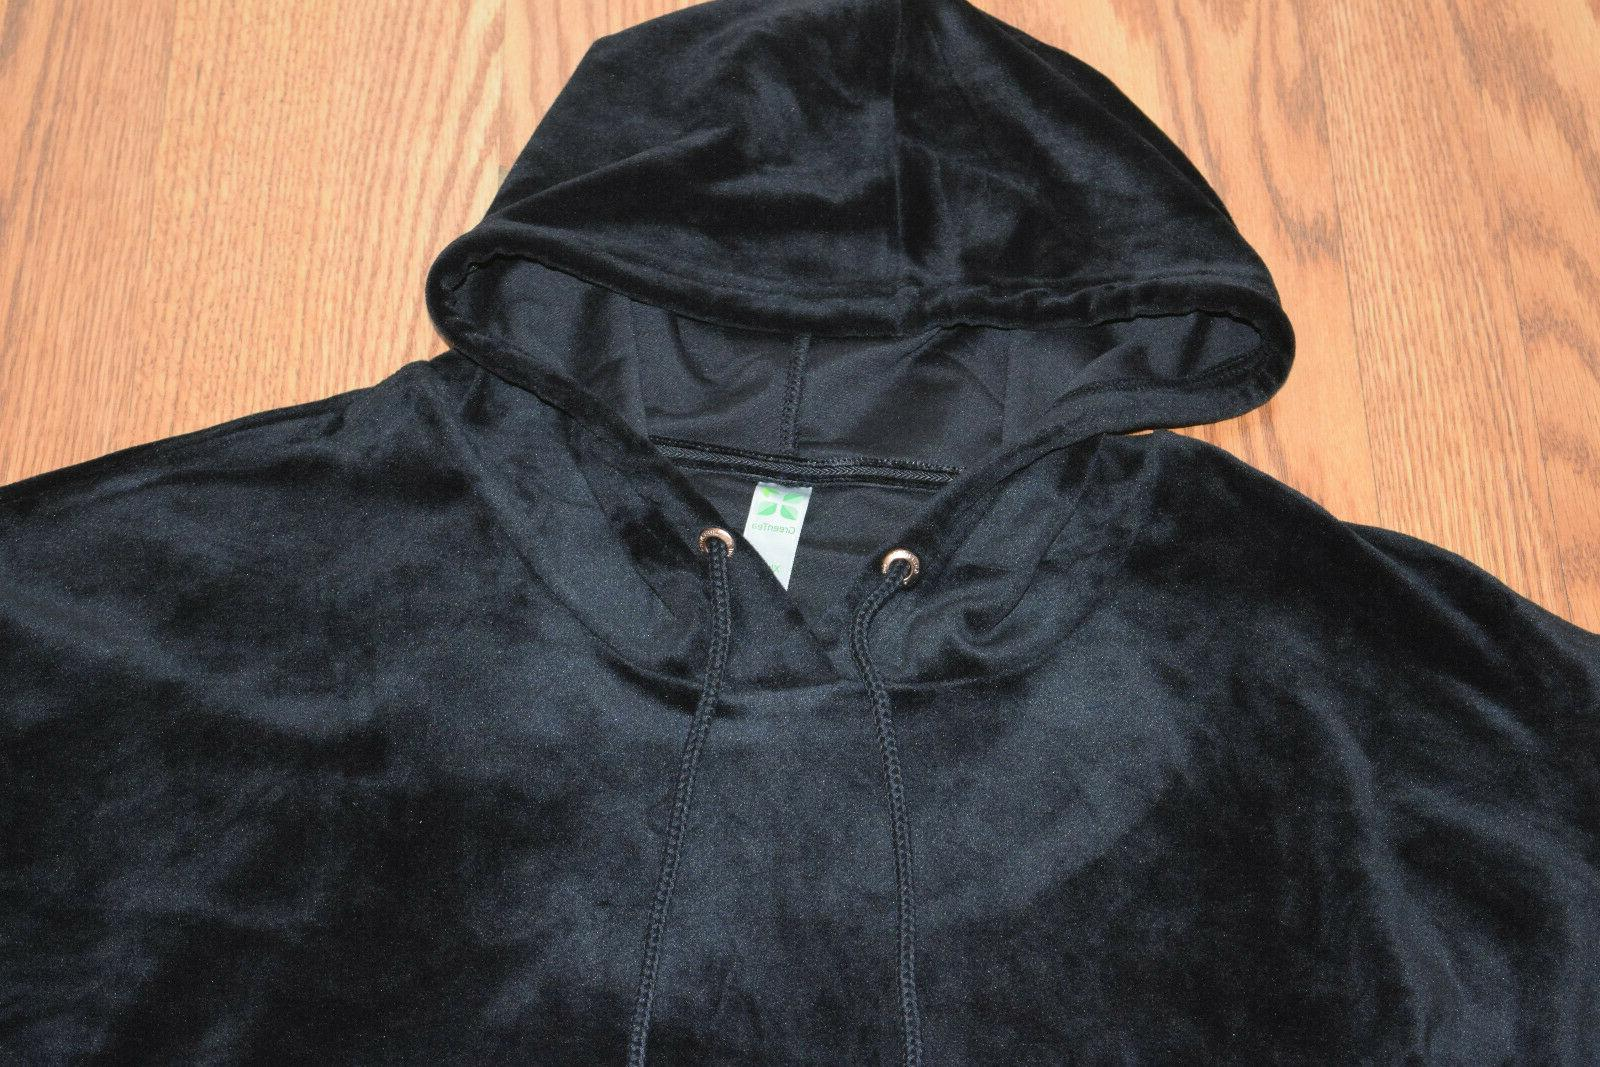 NWT Velour Black Sleeve Hoodie Top 2XL